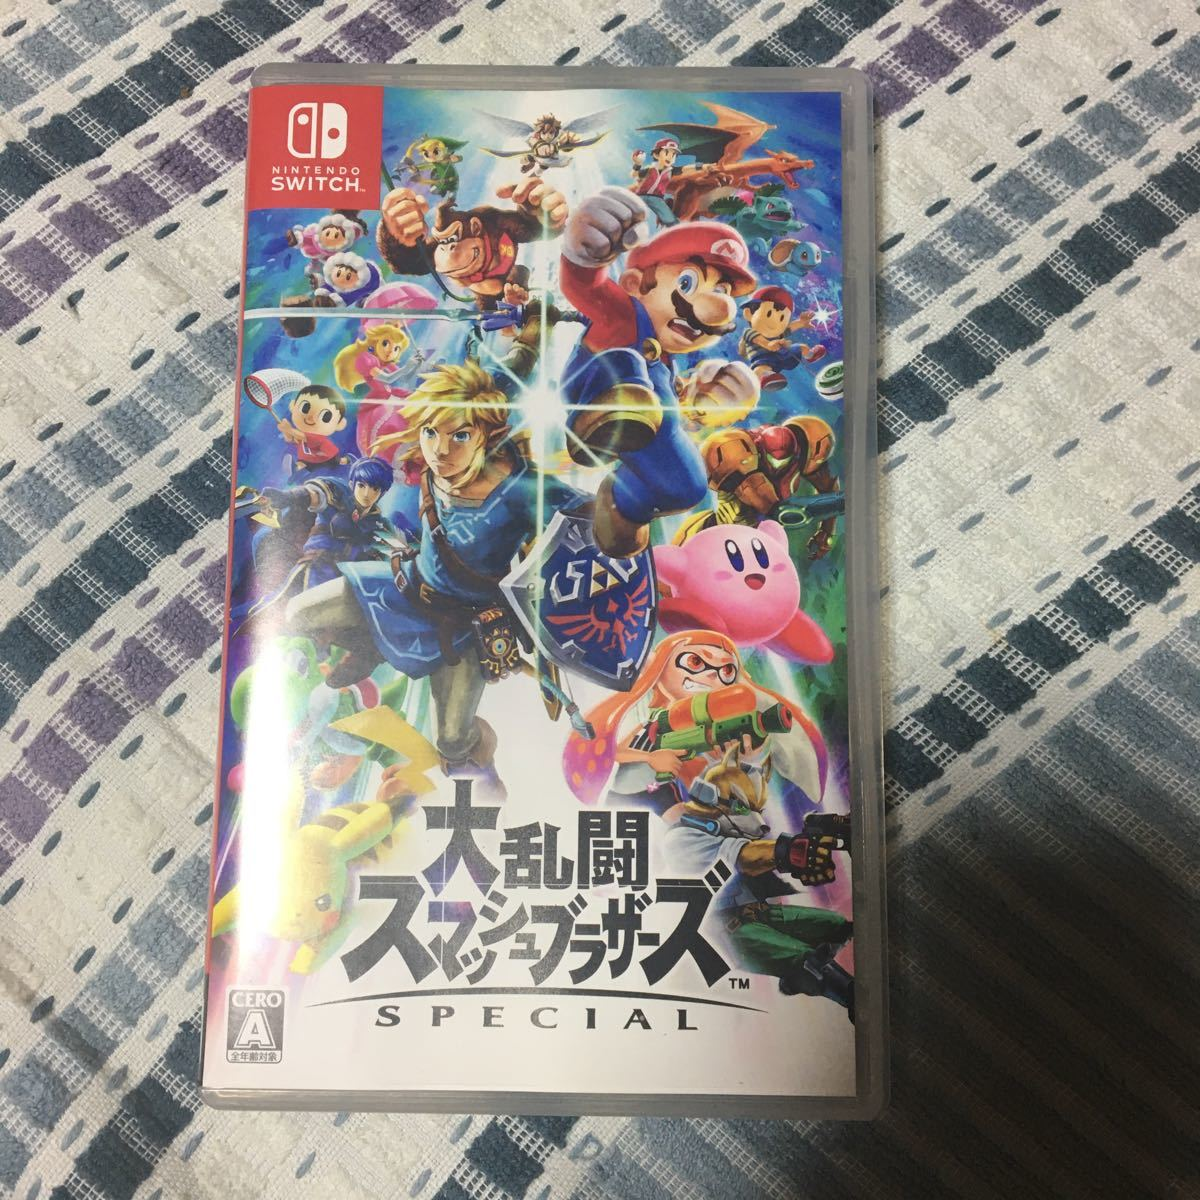 大乱闘スマッシュブラザーズSPECIAL  Nintendo Switch スイッチスマブラ Switch24時間以内に発送